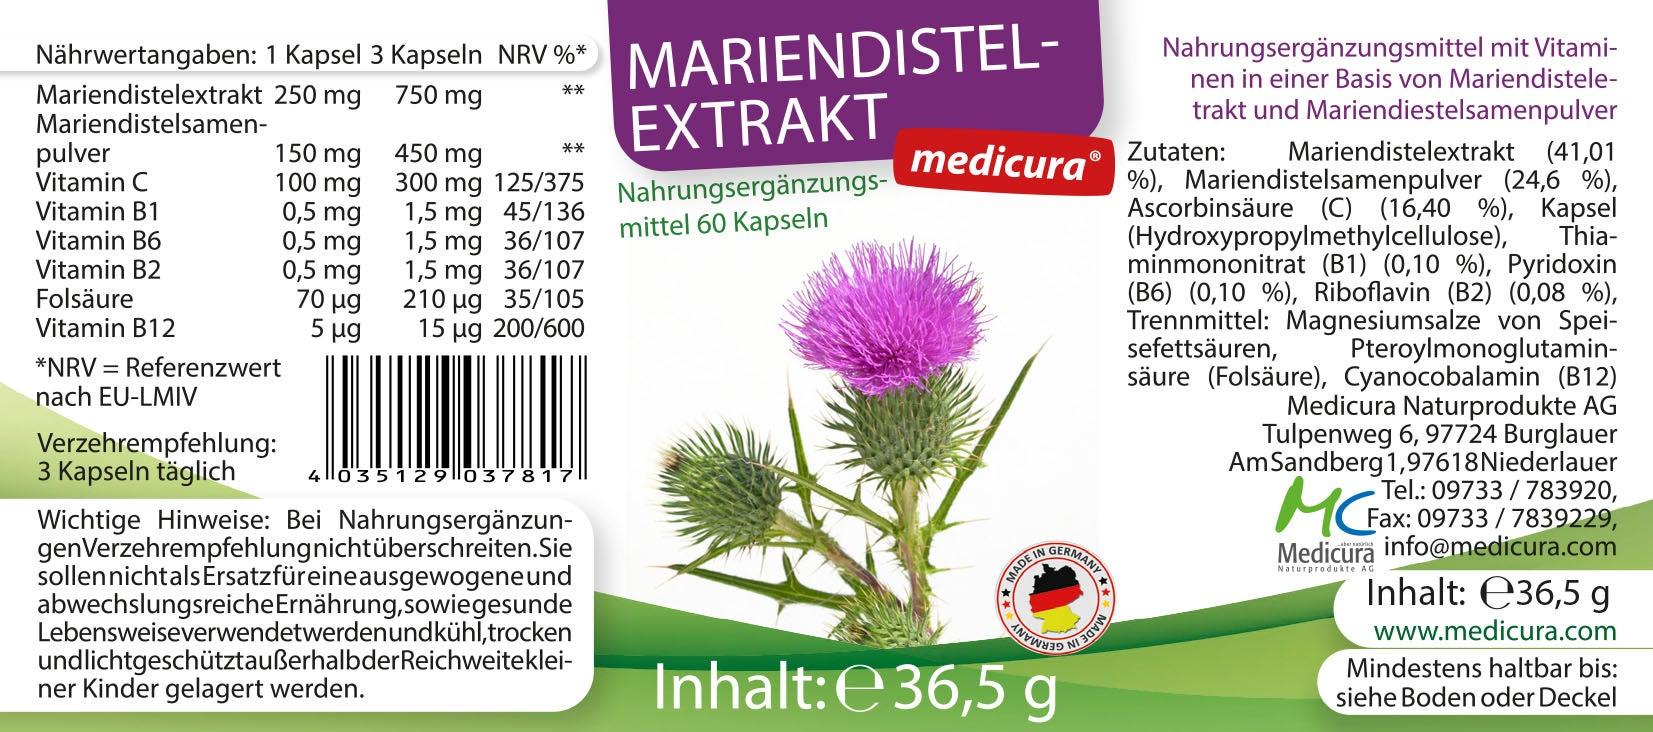 Mariendistelextrakt 250 mg - 60 Kapseln